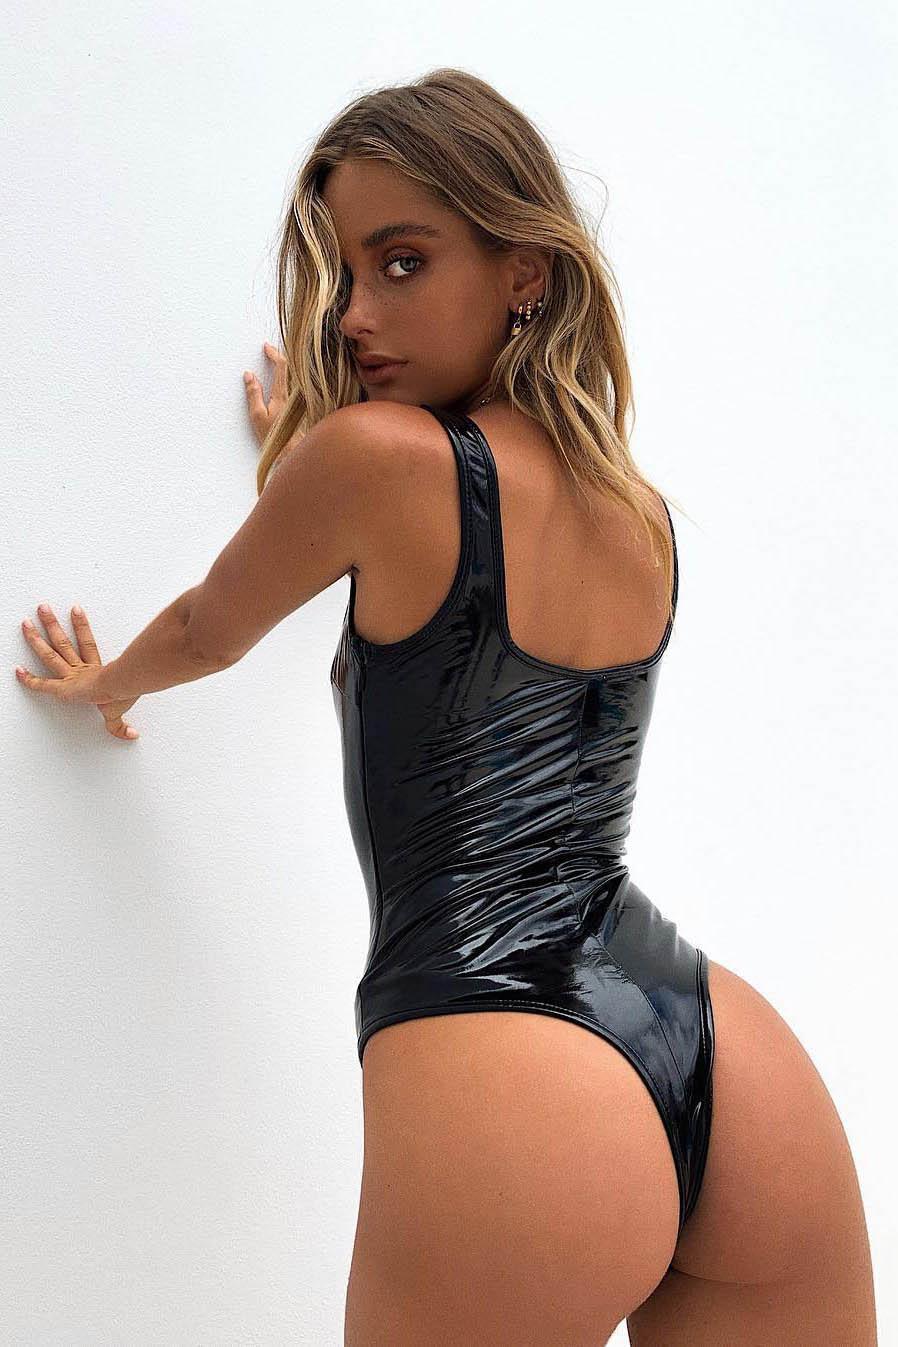 Блондинка Наташа